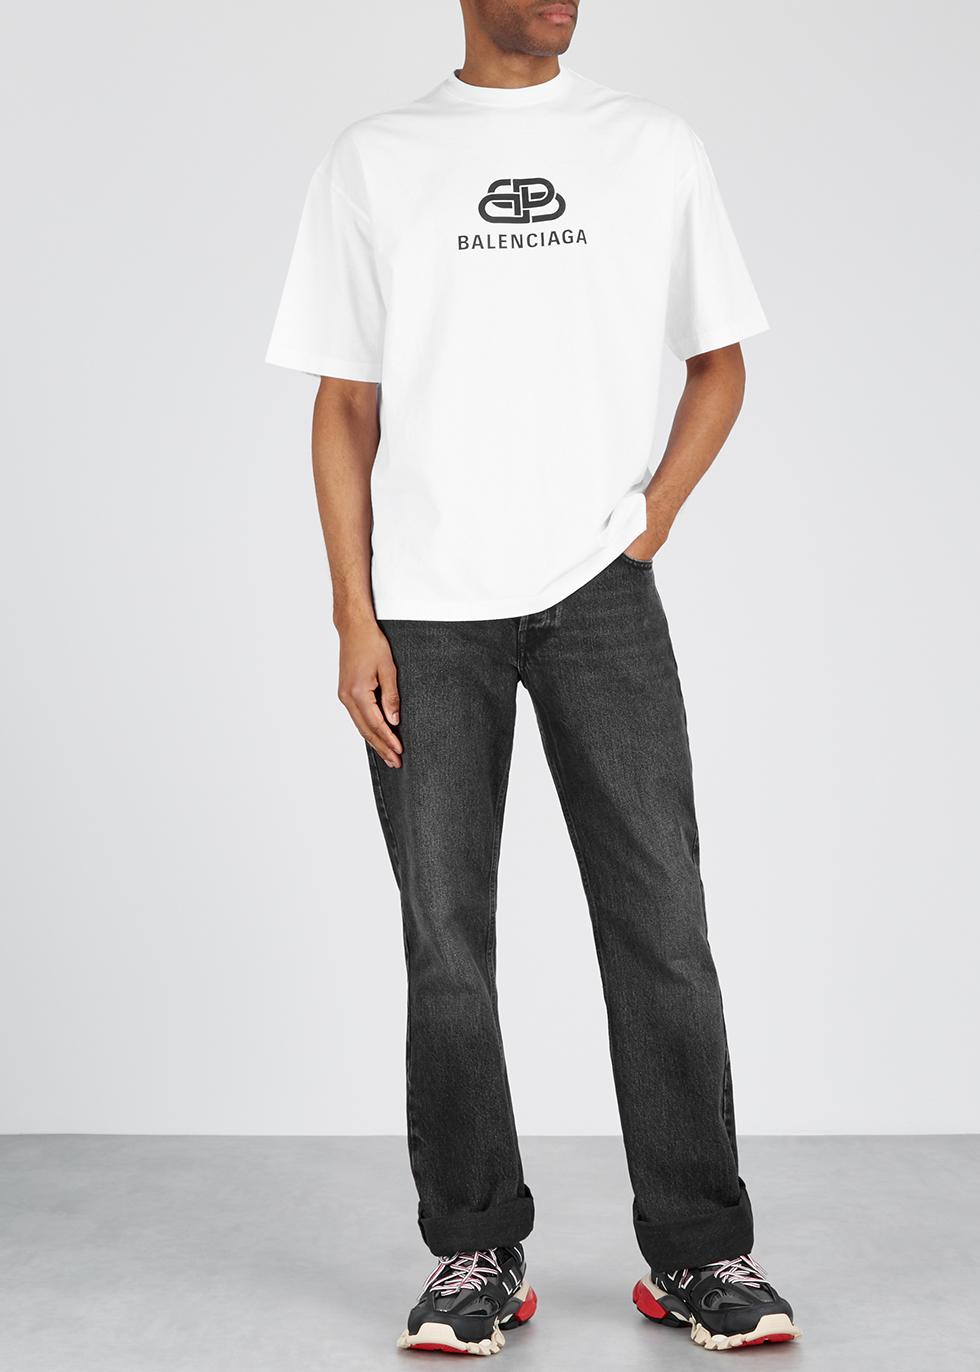 49696af5 Balenciaga Men - Harvey Nichols